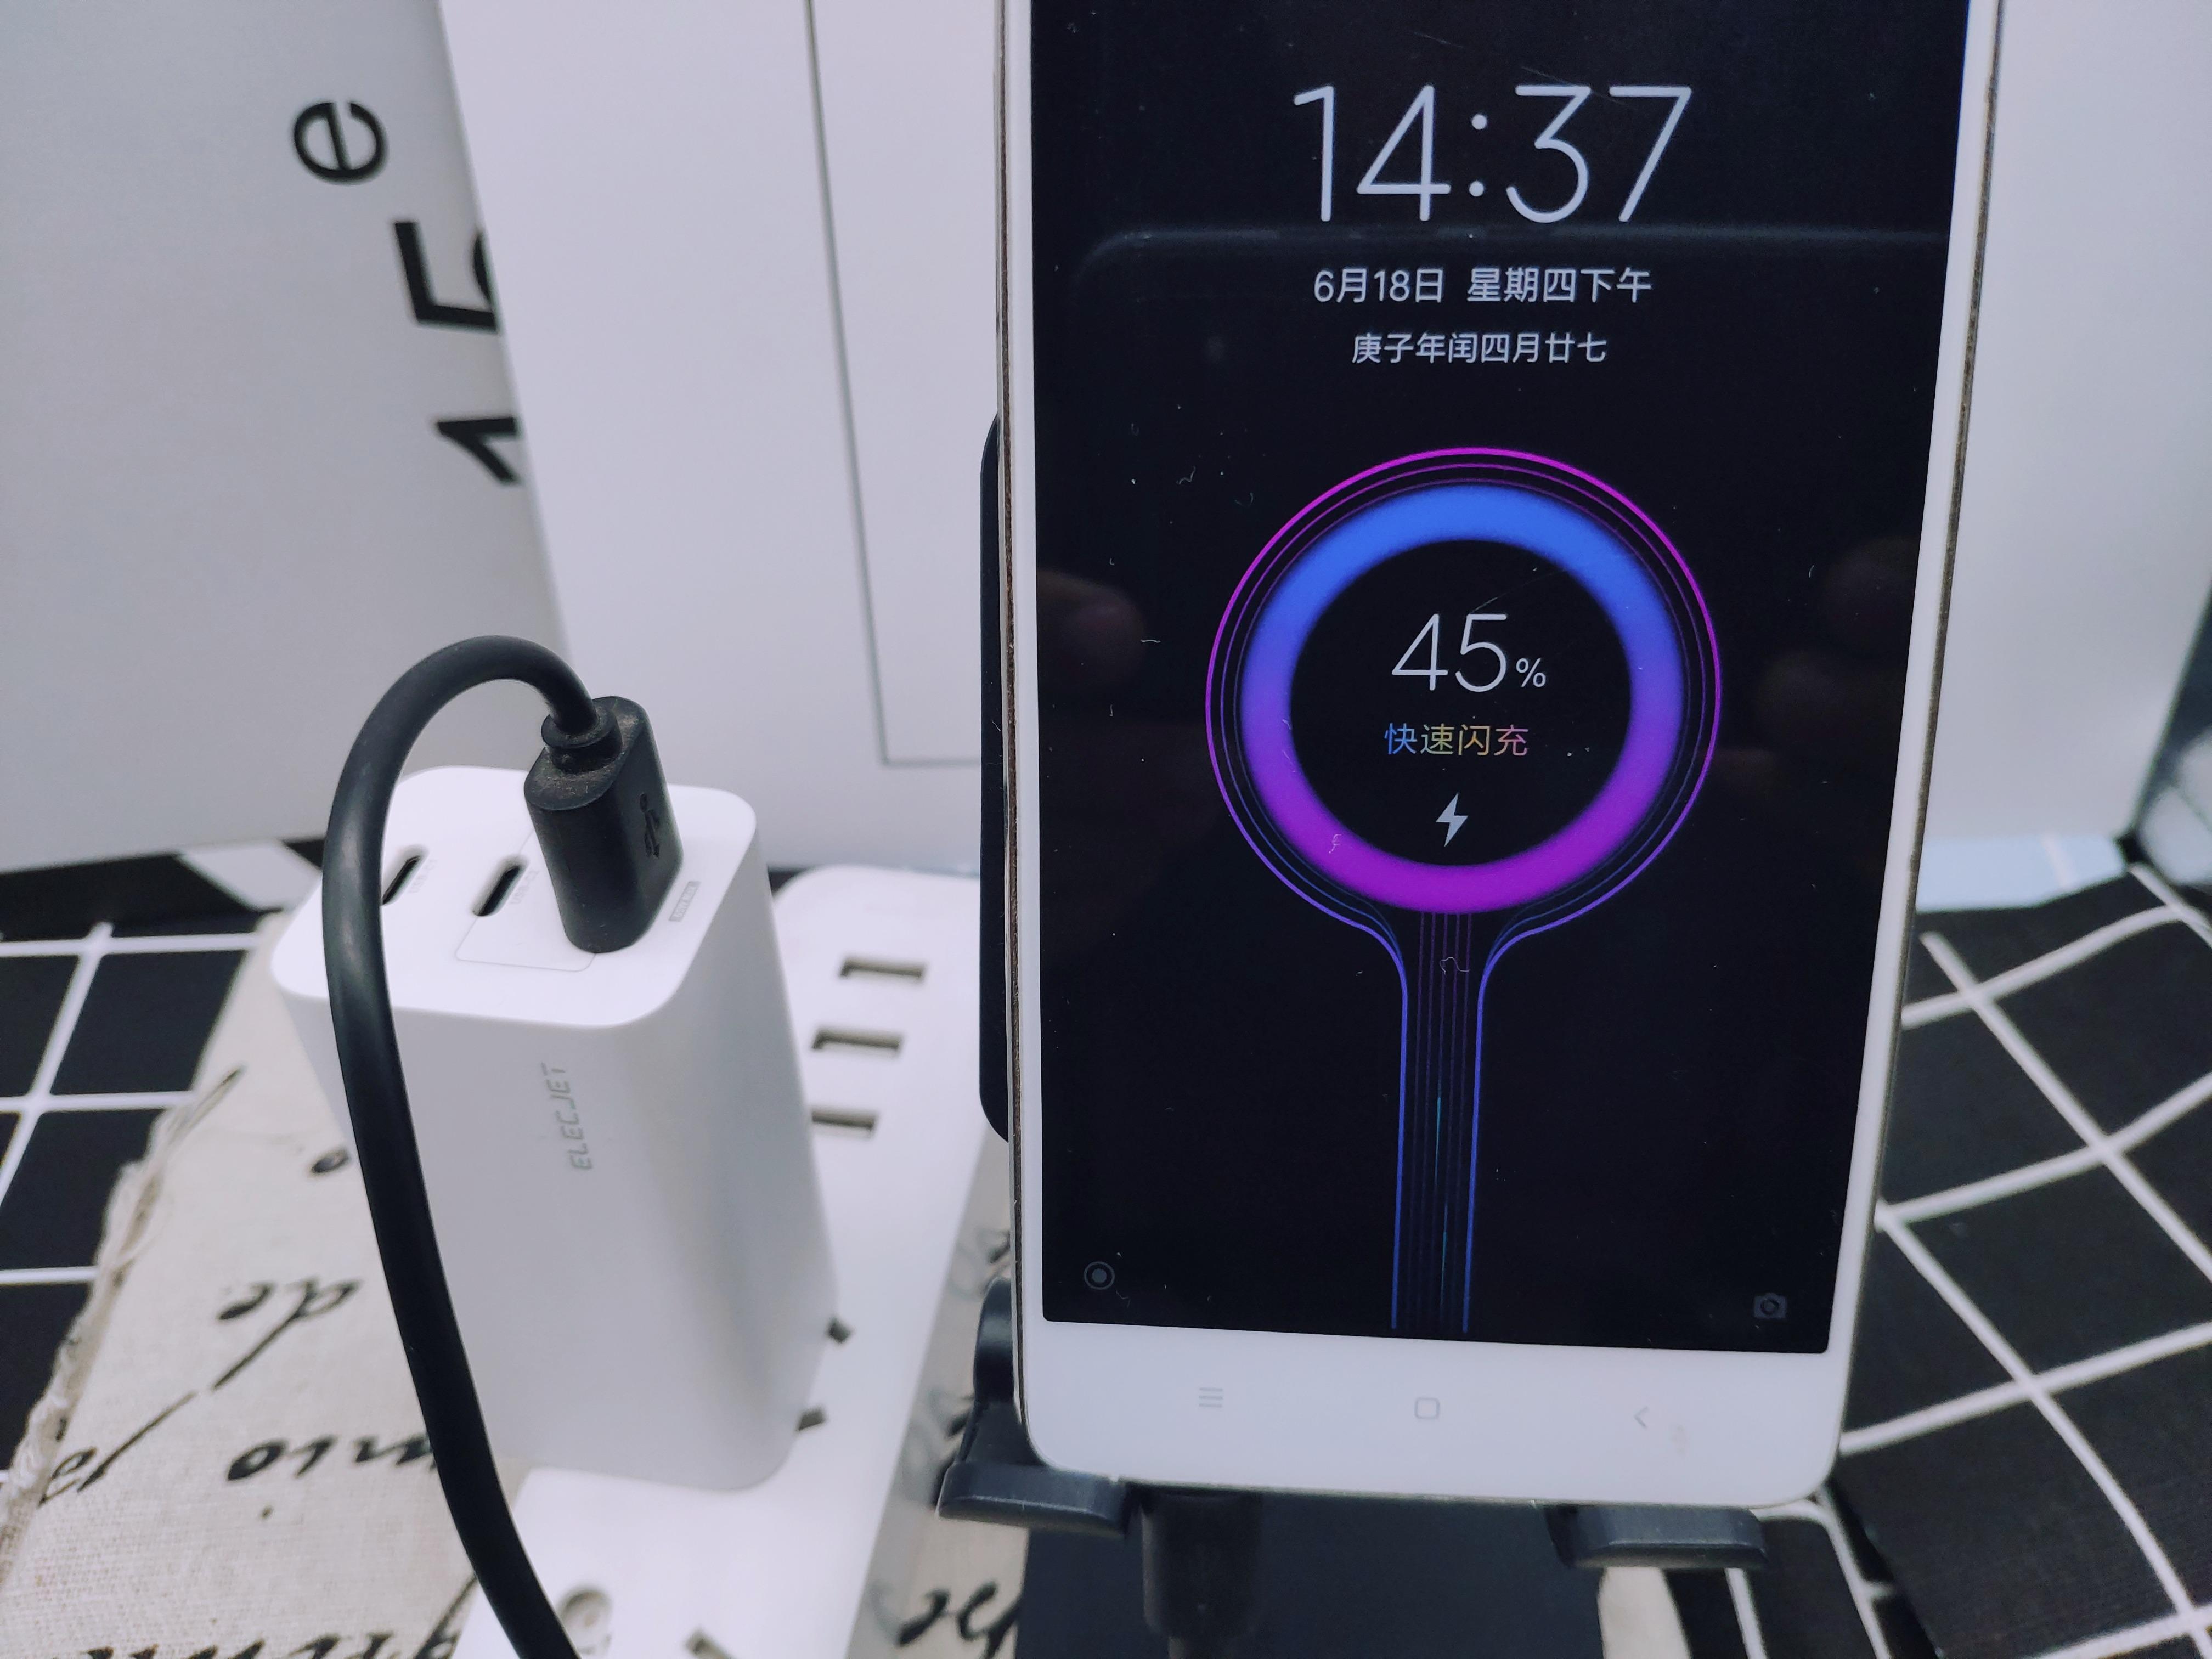 充电黑科技,你值得拥有——ELECJET电友65W氮化镓X21充电器